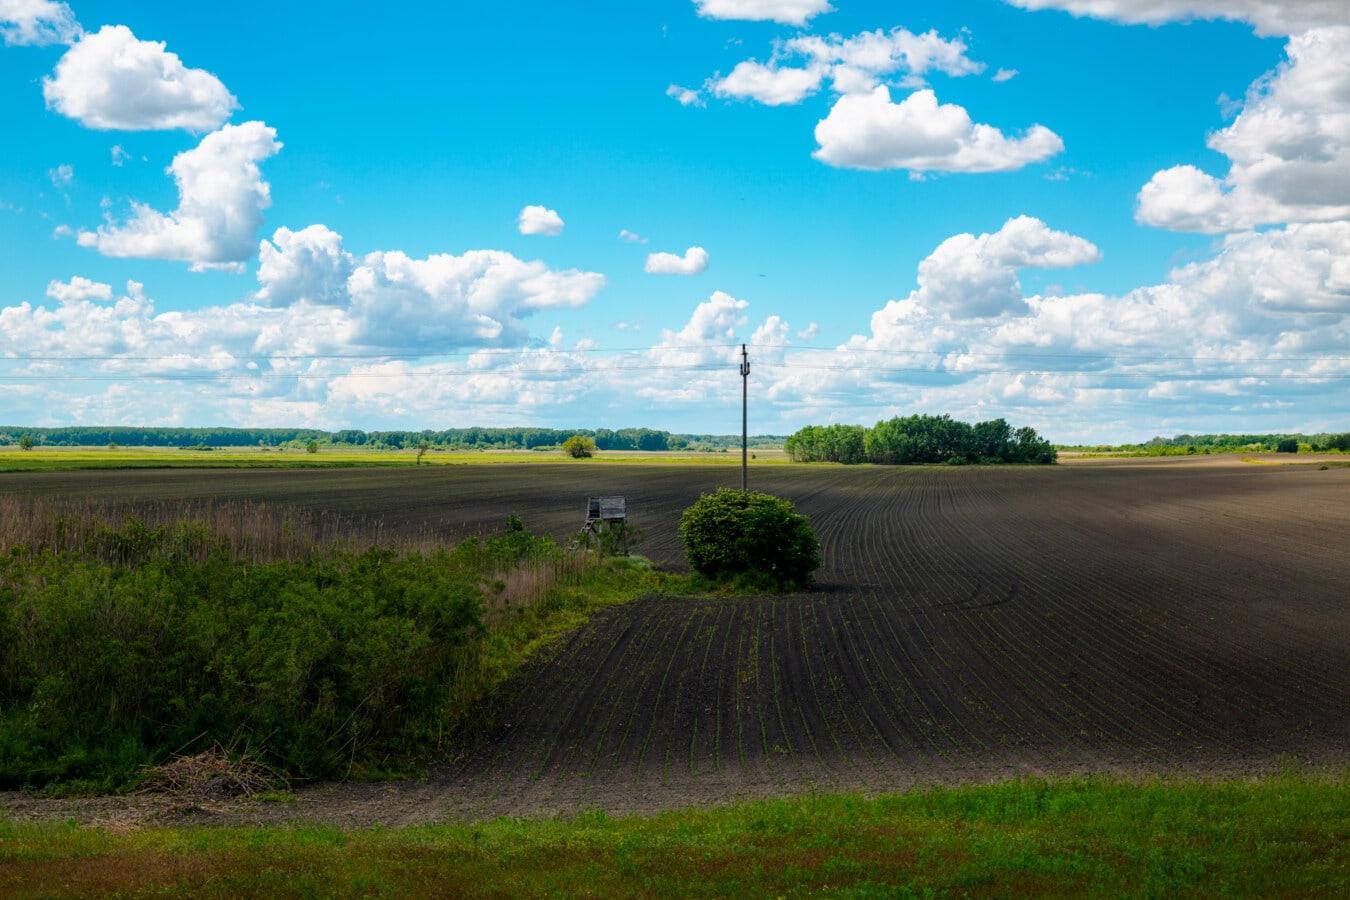 Feld, Landwirtschaft, Hügel, Panorama, Wiese, Horizont, Landschaft, Gras, des ländlichen Raums, Landschaft